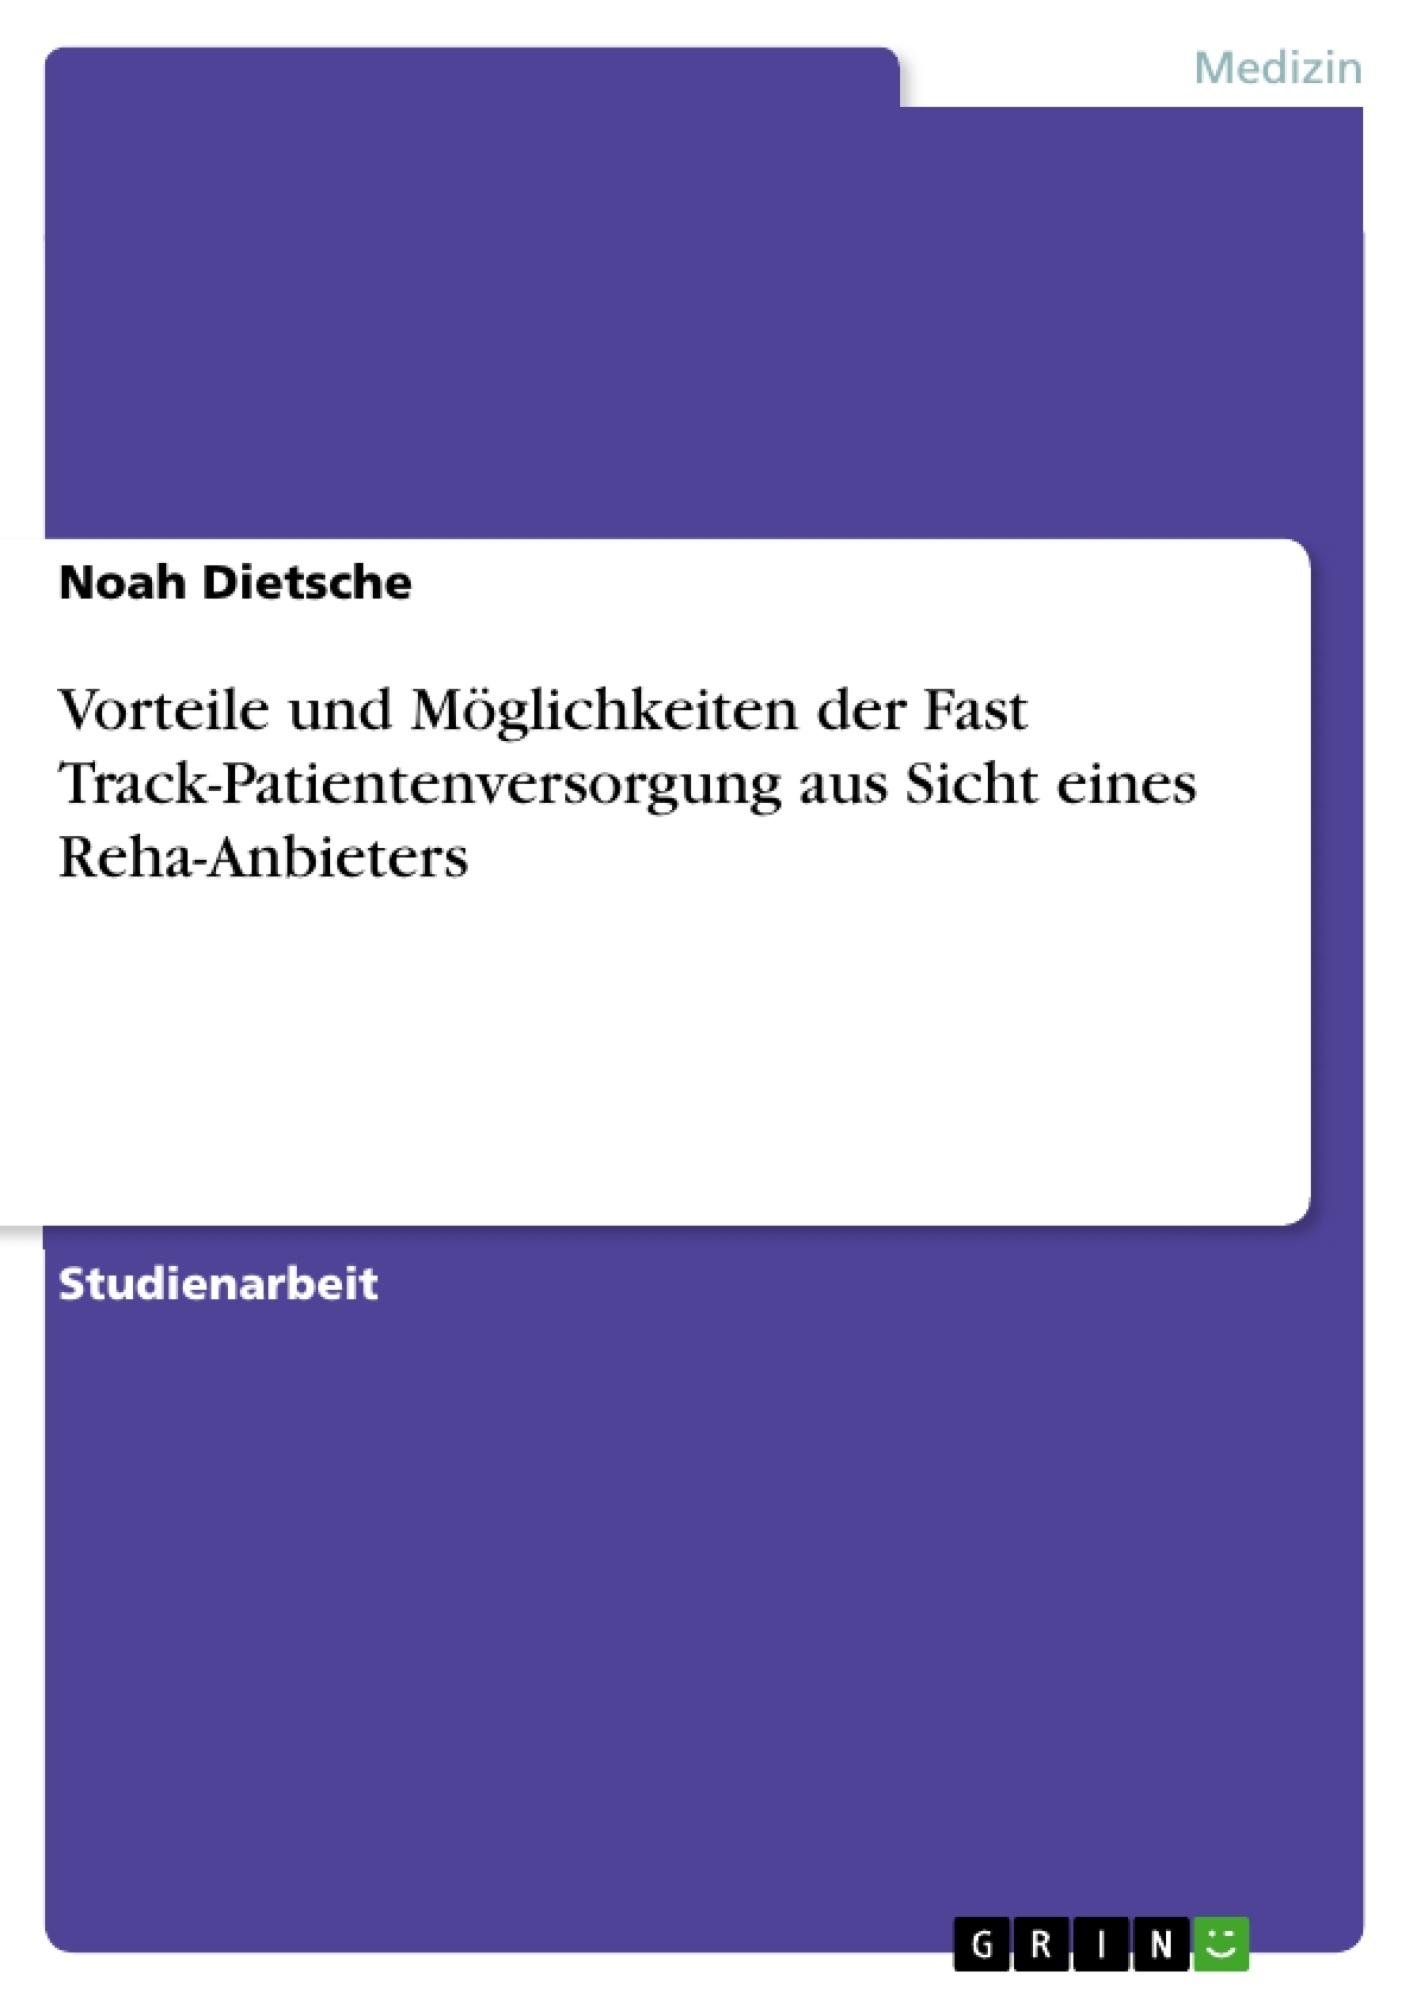 Titel: Vorteile und Möglichkeiten der Fast Track-Patientenversorgung aus Sicht eines Reha-Anbieters